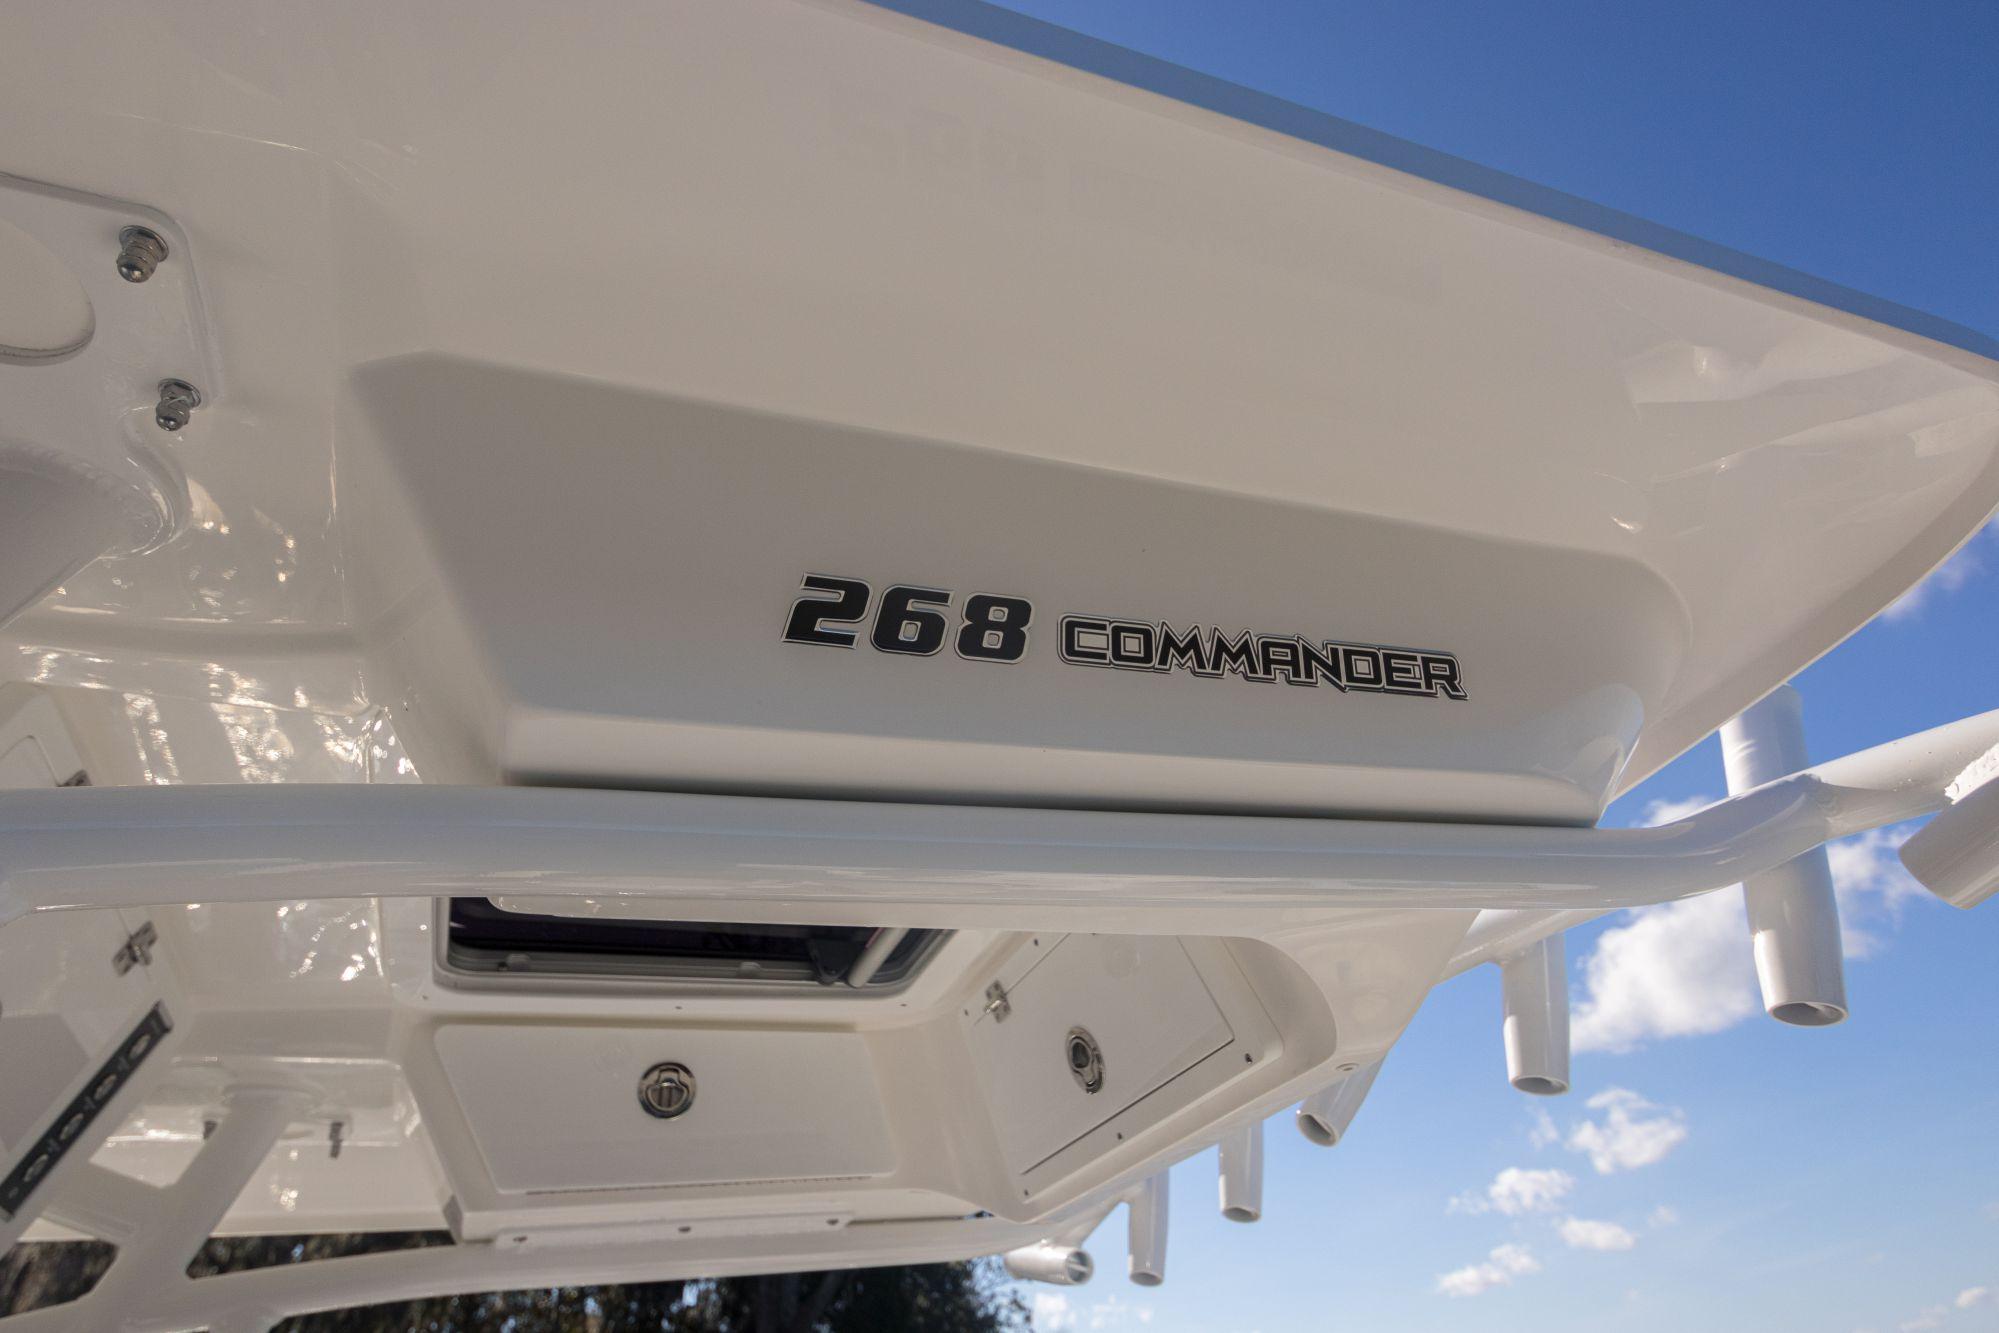 268 Commander banner image 14